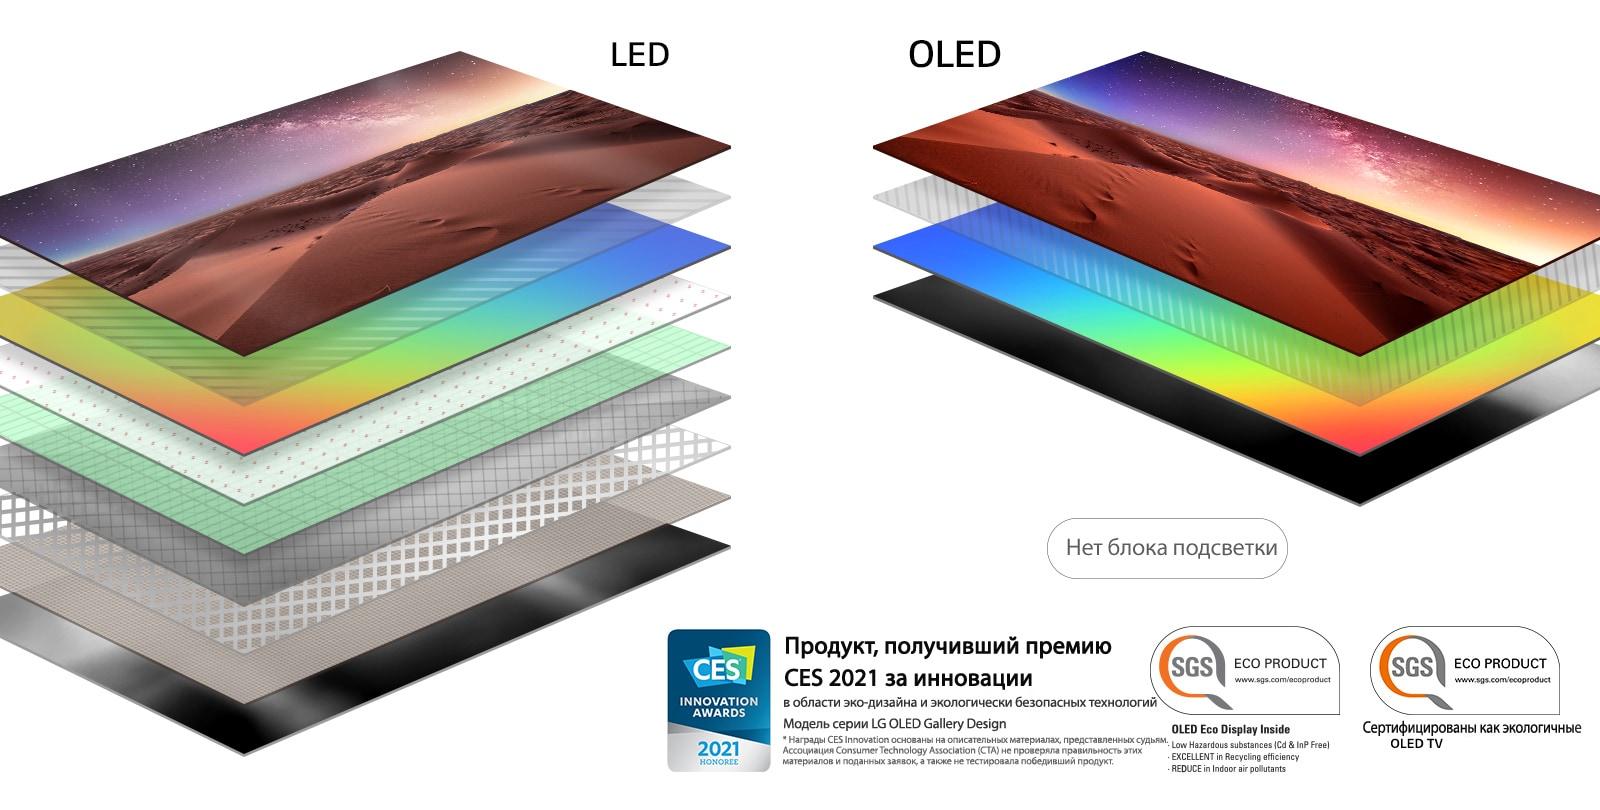 Сравнение состава слоев экранов LED-телевизоров с подсветкой и OLED-телевизоров с самоподсвечивающимися пикселями (просмотр видео)